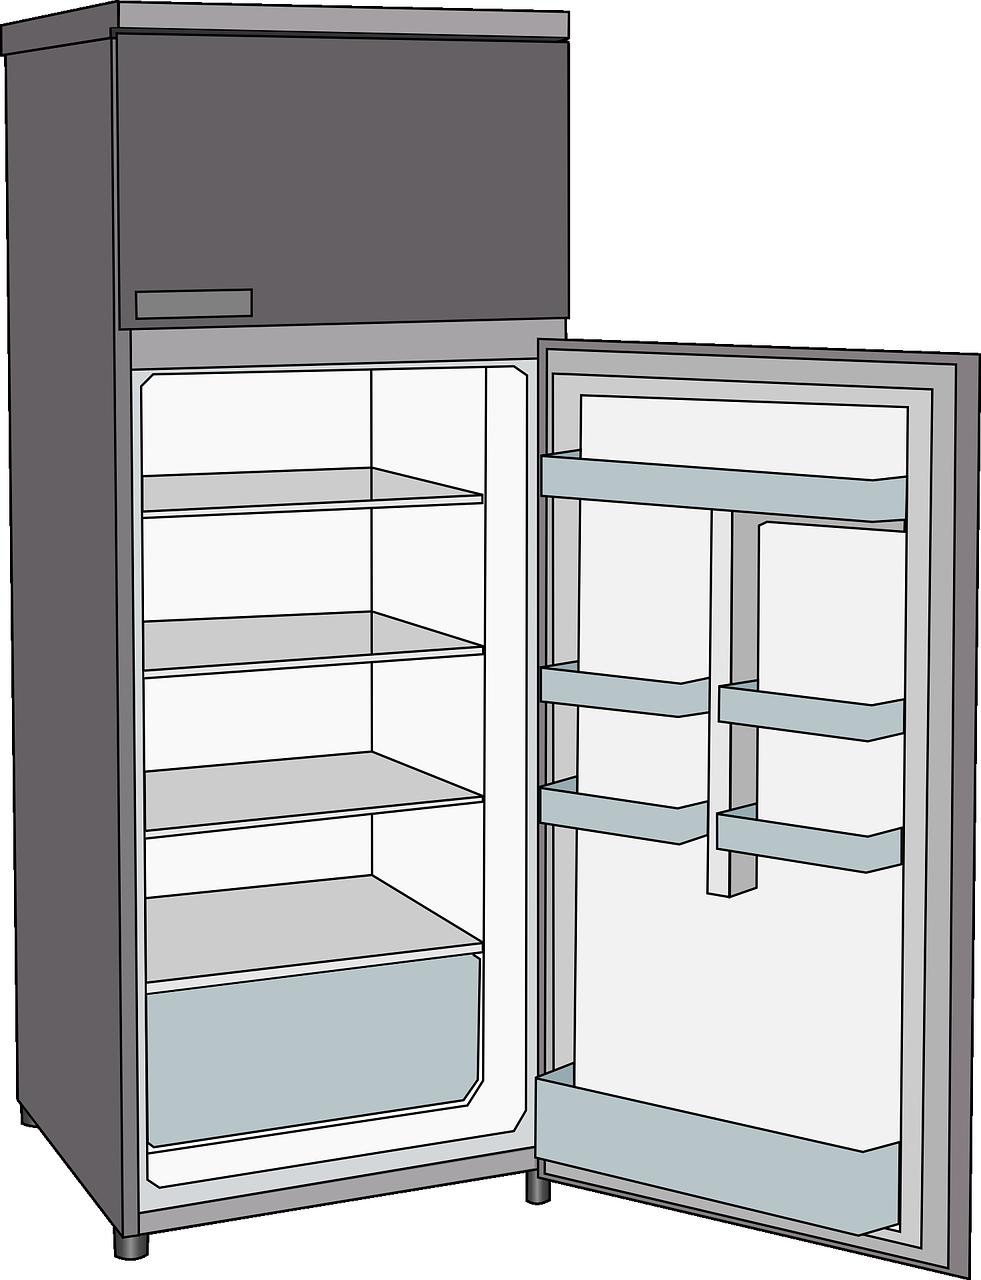 Comment choisir son congélateur selon le type de cuisine